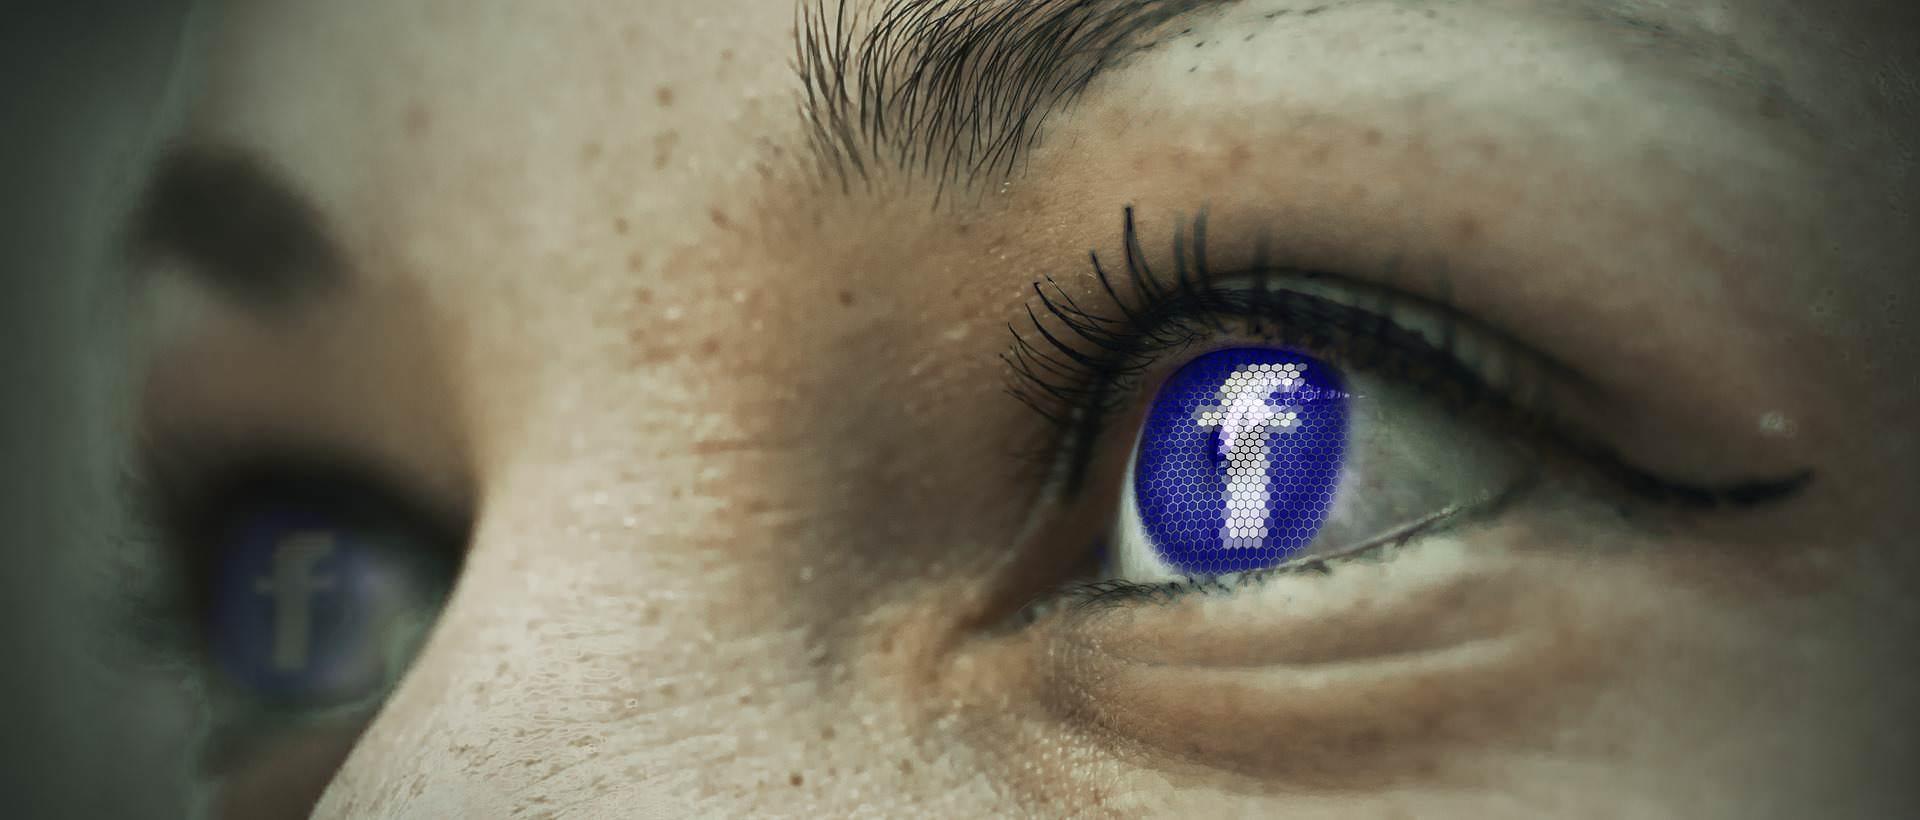 Werbeagentur für Facebook Werbung Social Media Marketing in Freiburg, Villingen-Schwenningen, Rottweil und Tuttlingen